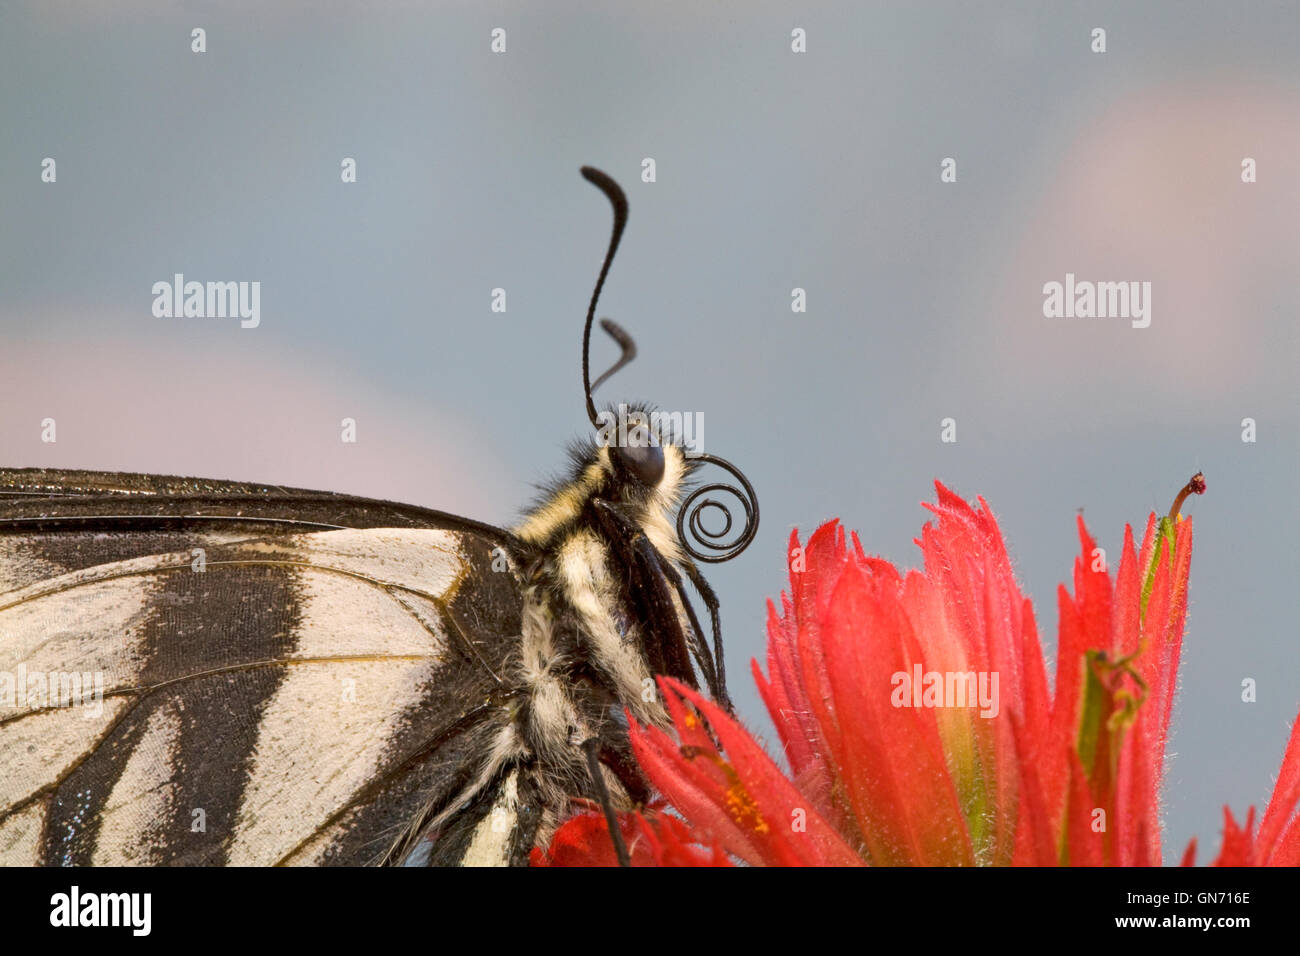 Ritratto di un pallido a coda di rondine, butterfly Papilio eurymedon, poggiante su thbe fiore di un pennello indiano. Immagini Stock